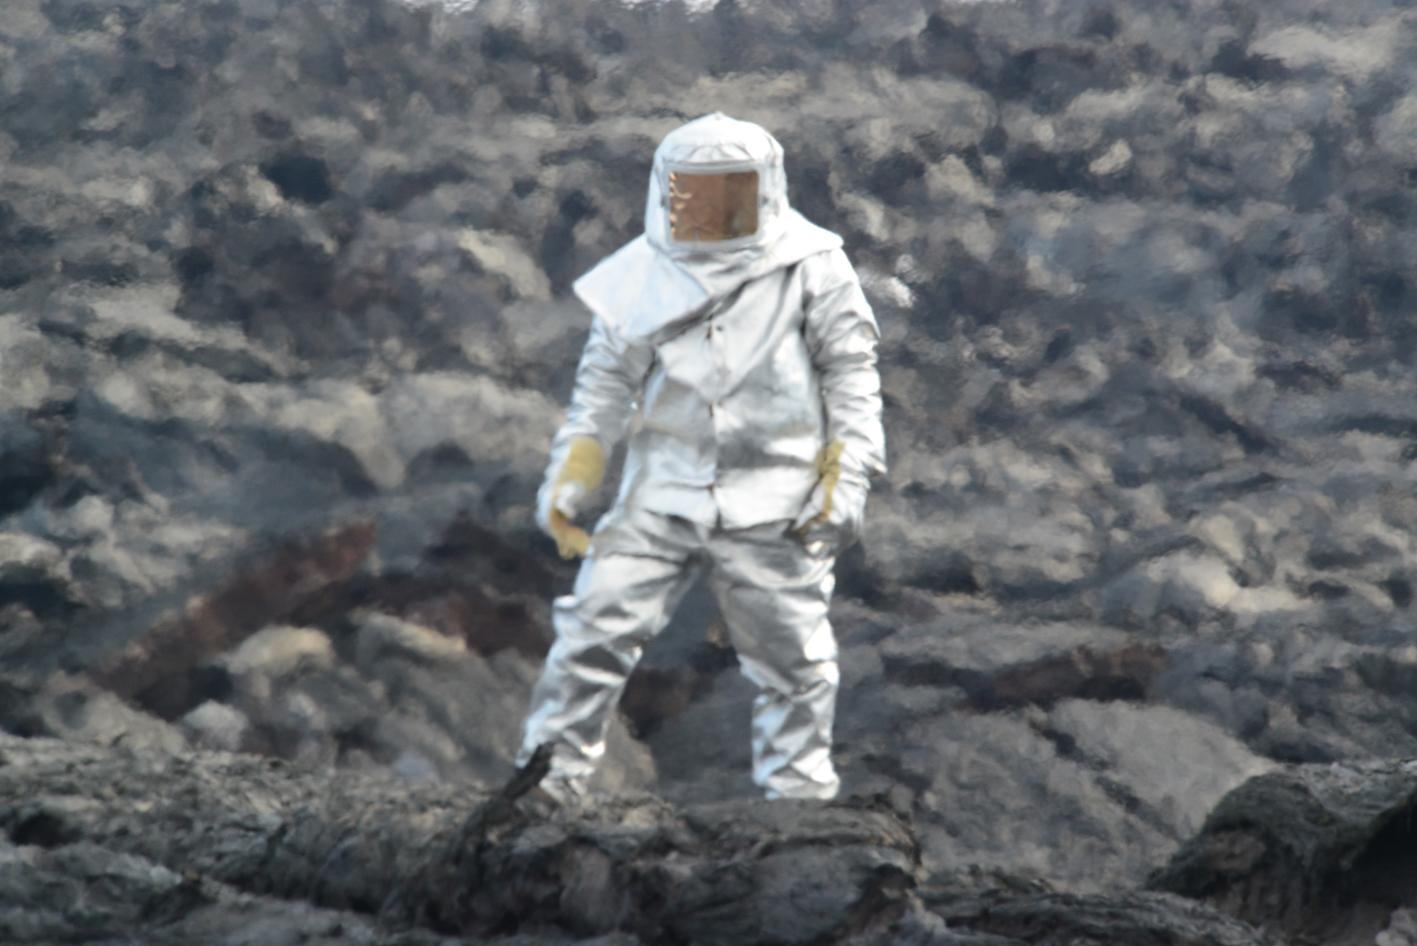 Sasha Belousov in lava suit preparing to collect sample